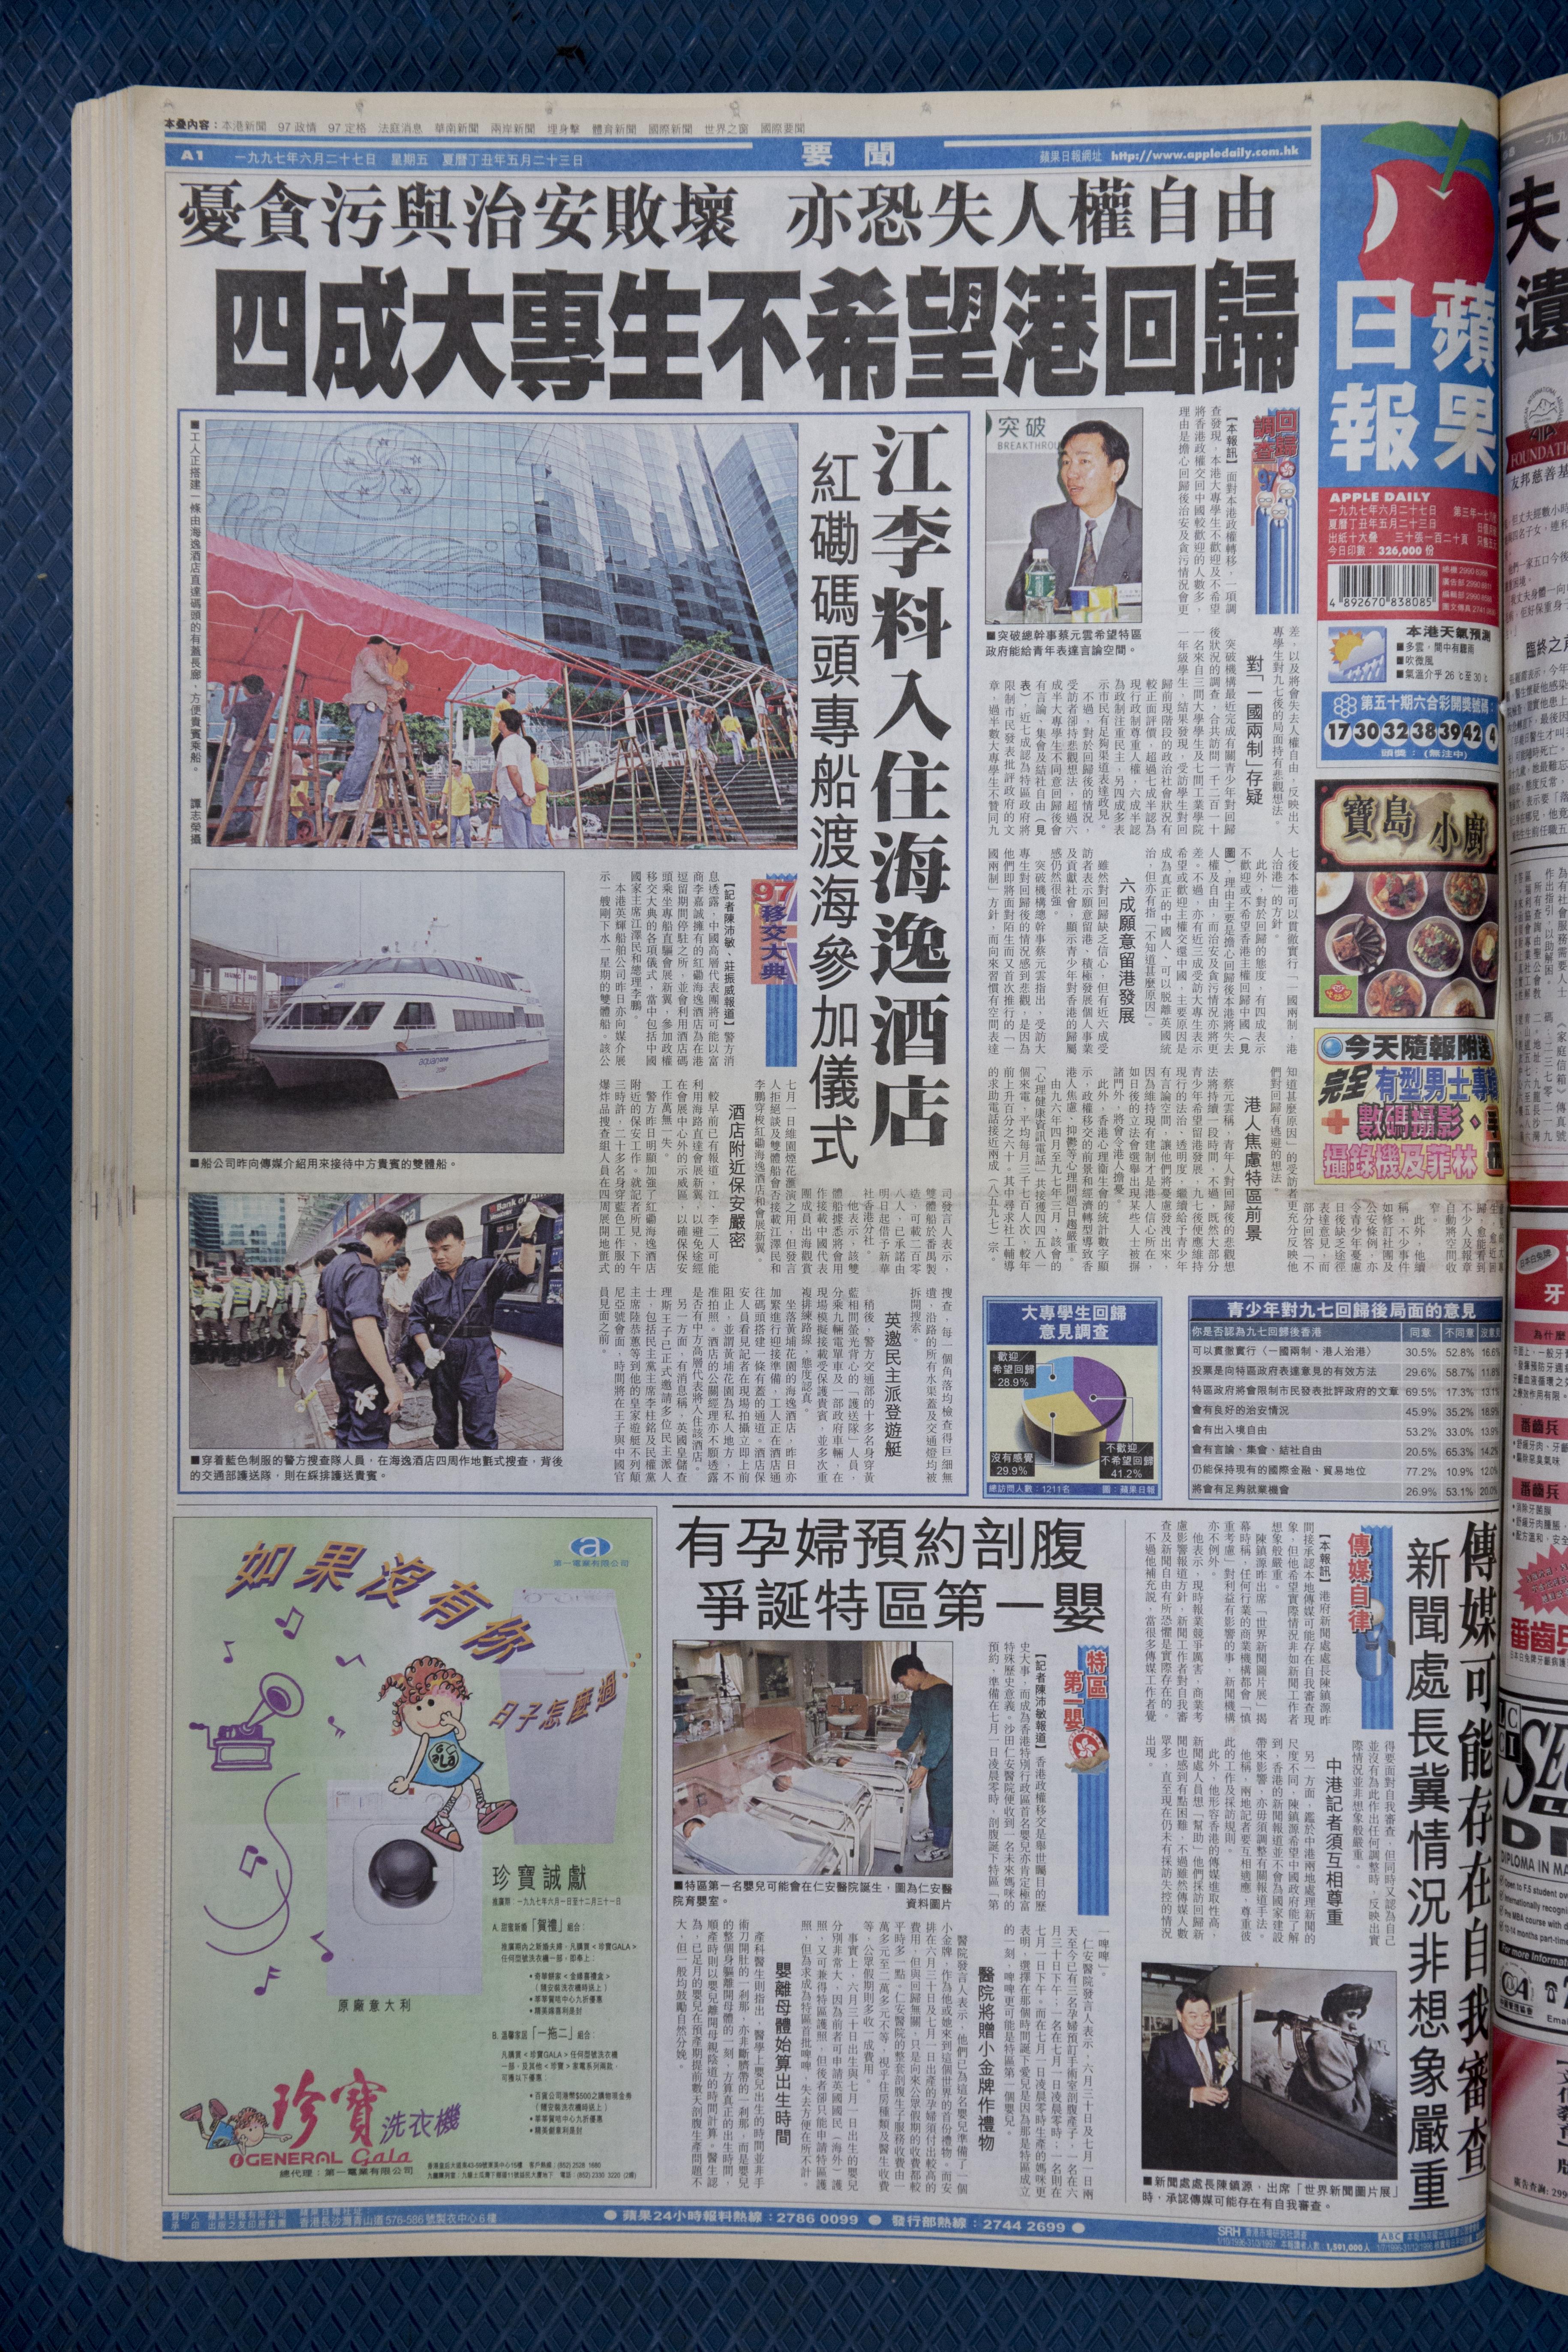 1997年6月27日,《蘋果》頭條強調有四成香港大專生不希望港回歸,但仍有三成人希望回歸,三成人沒有感覺。